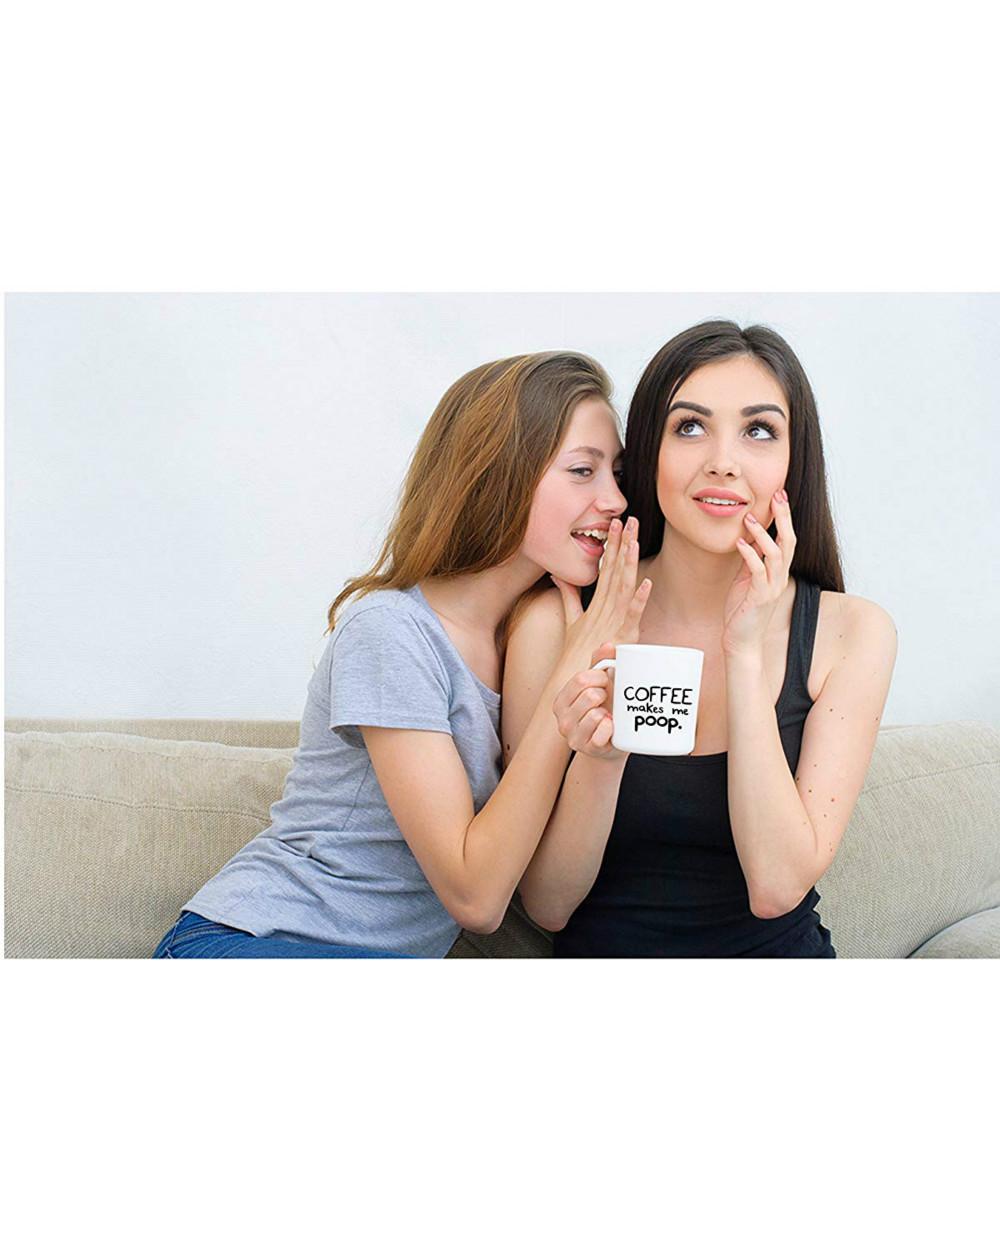 Divertente tazza di caffè mi fa cagare tè grande regalo papà mamma marito moglie sorella fratello co lavoratore capo insegnante divertente umorismo e sarcasmo